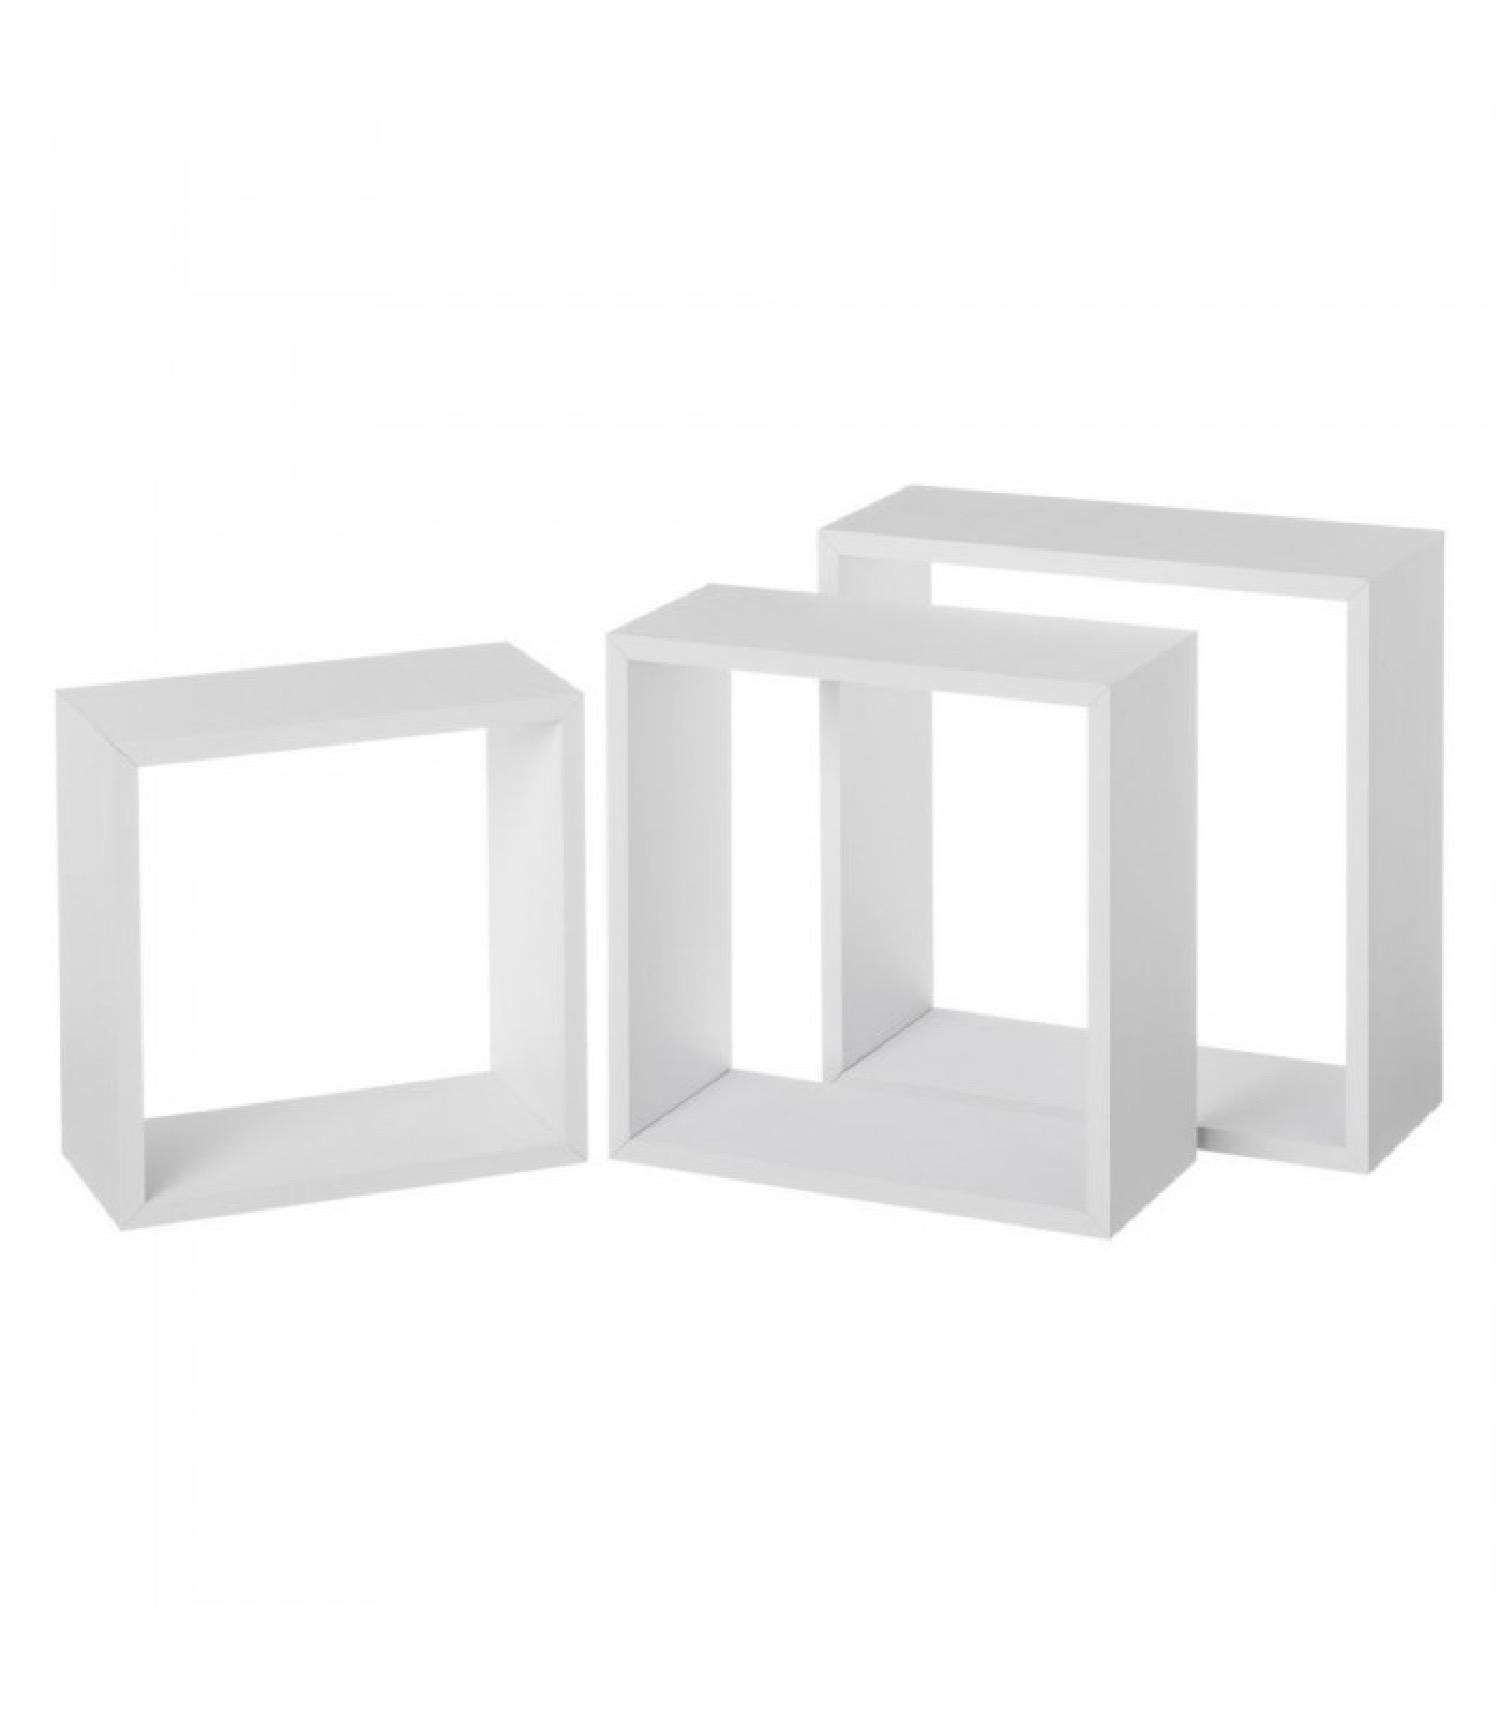 Set de 3 étagères murales en bois MDF blanc 30x30x12